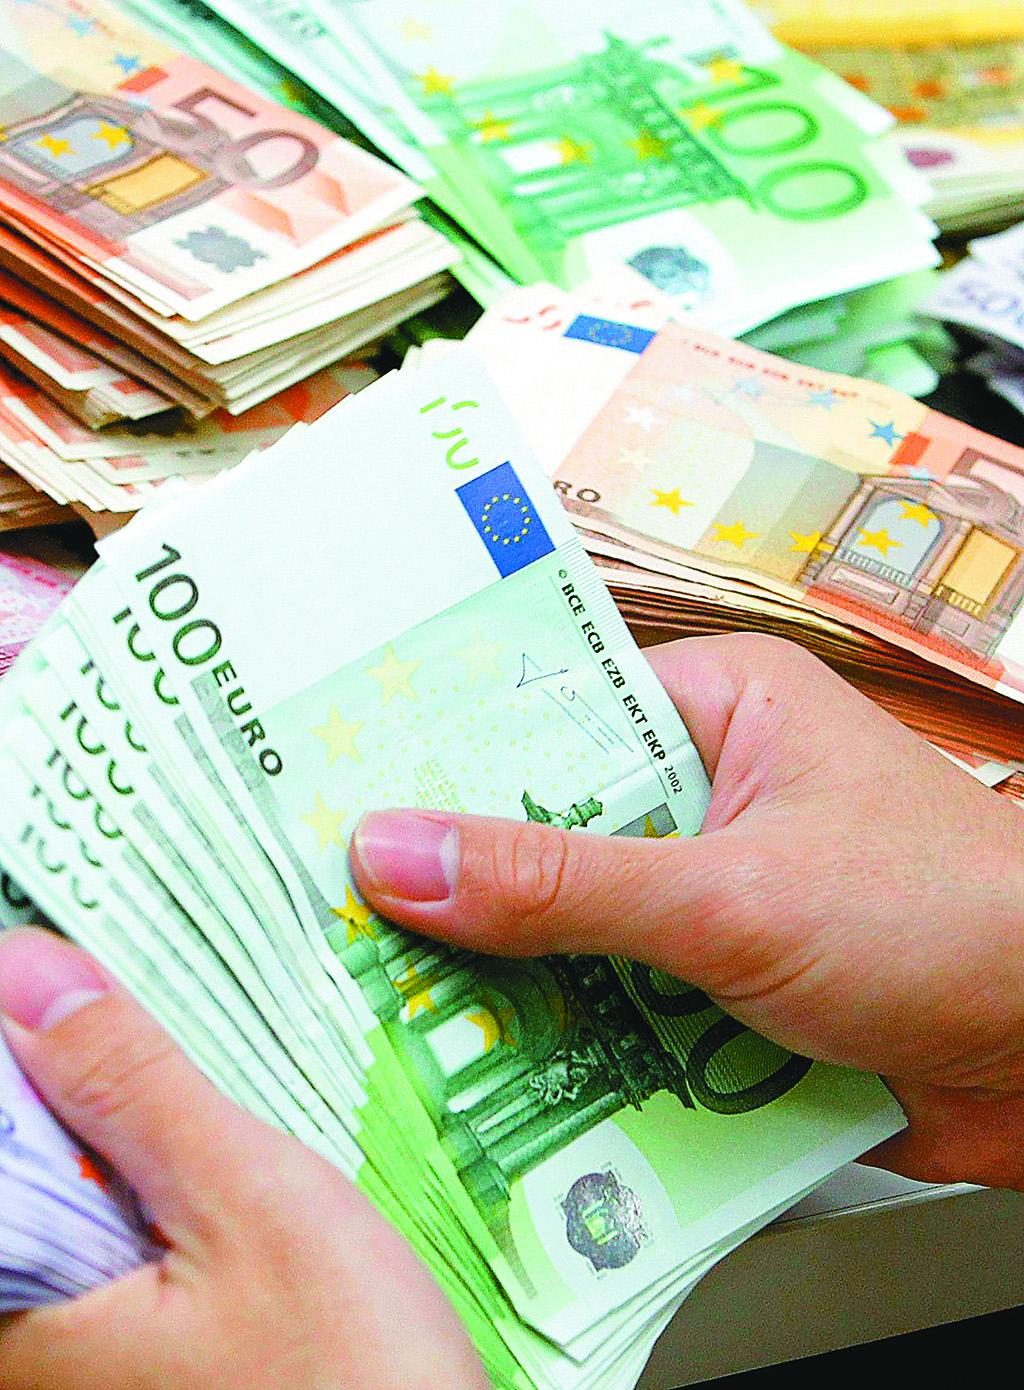 Καταβάλλεται κανονικά η δόση των 5,2 δισ. ευρώ την Πέμπτη | tovima.gr